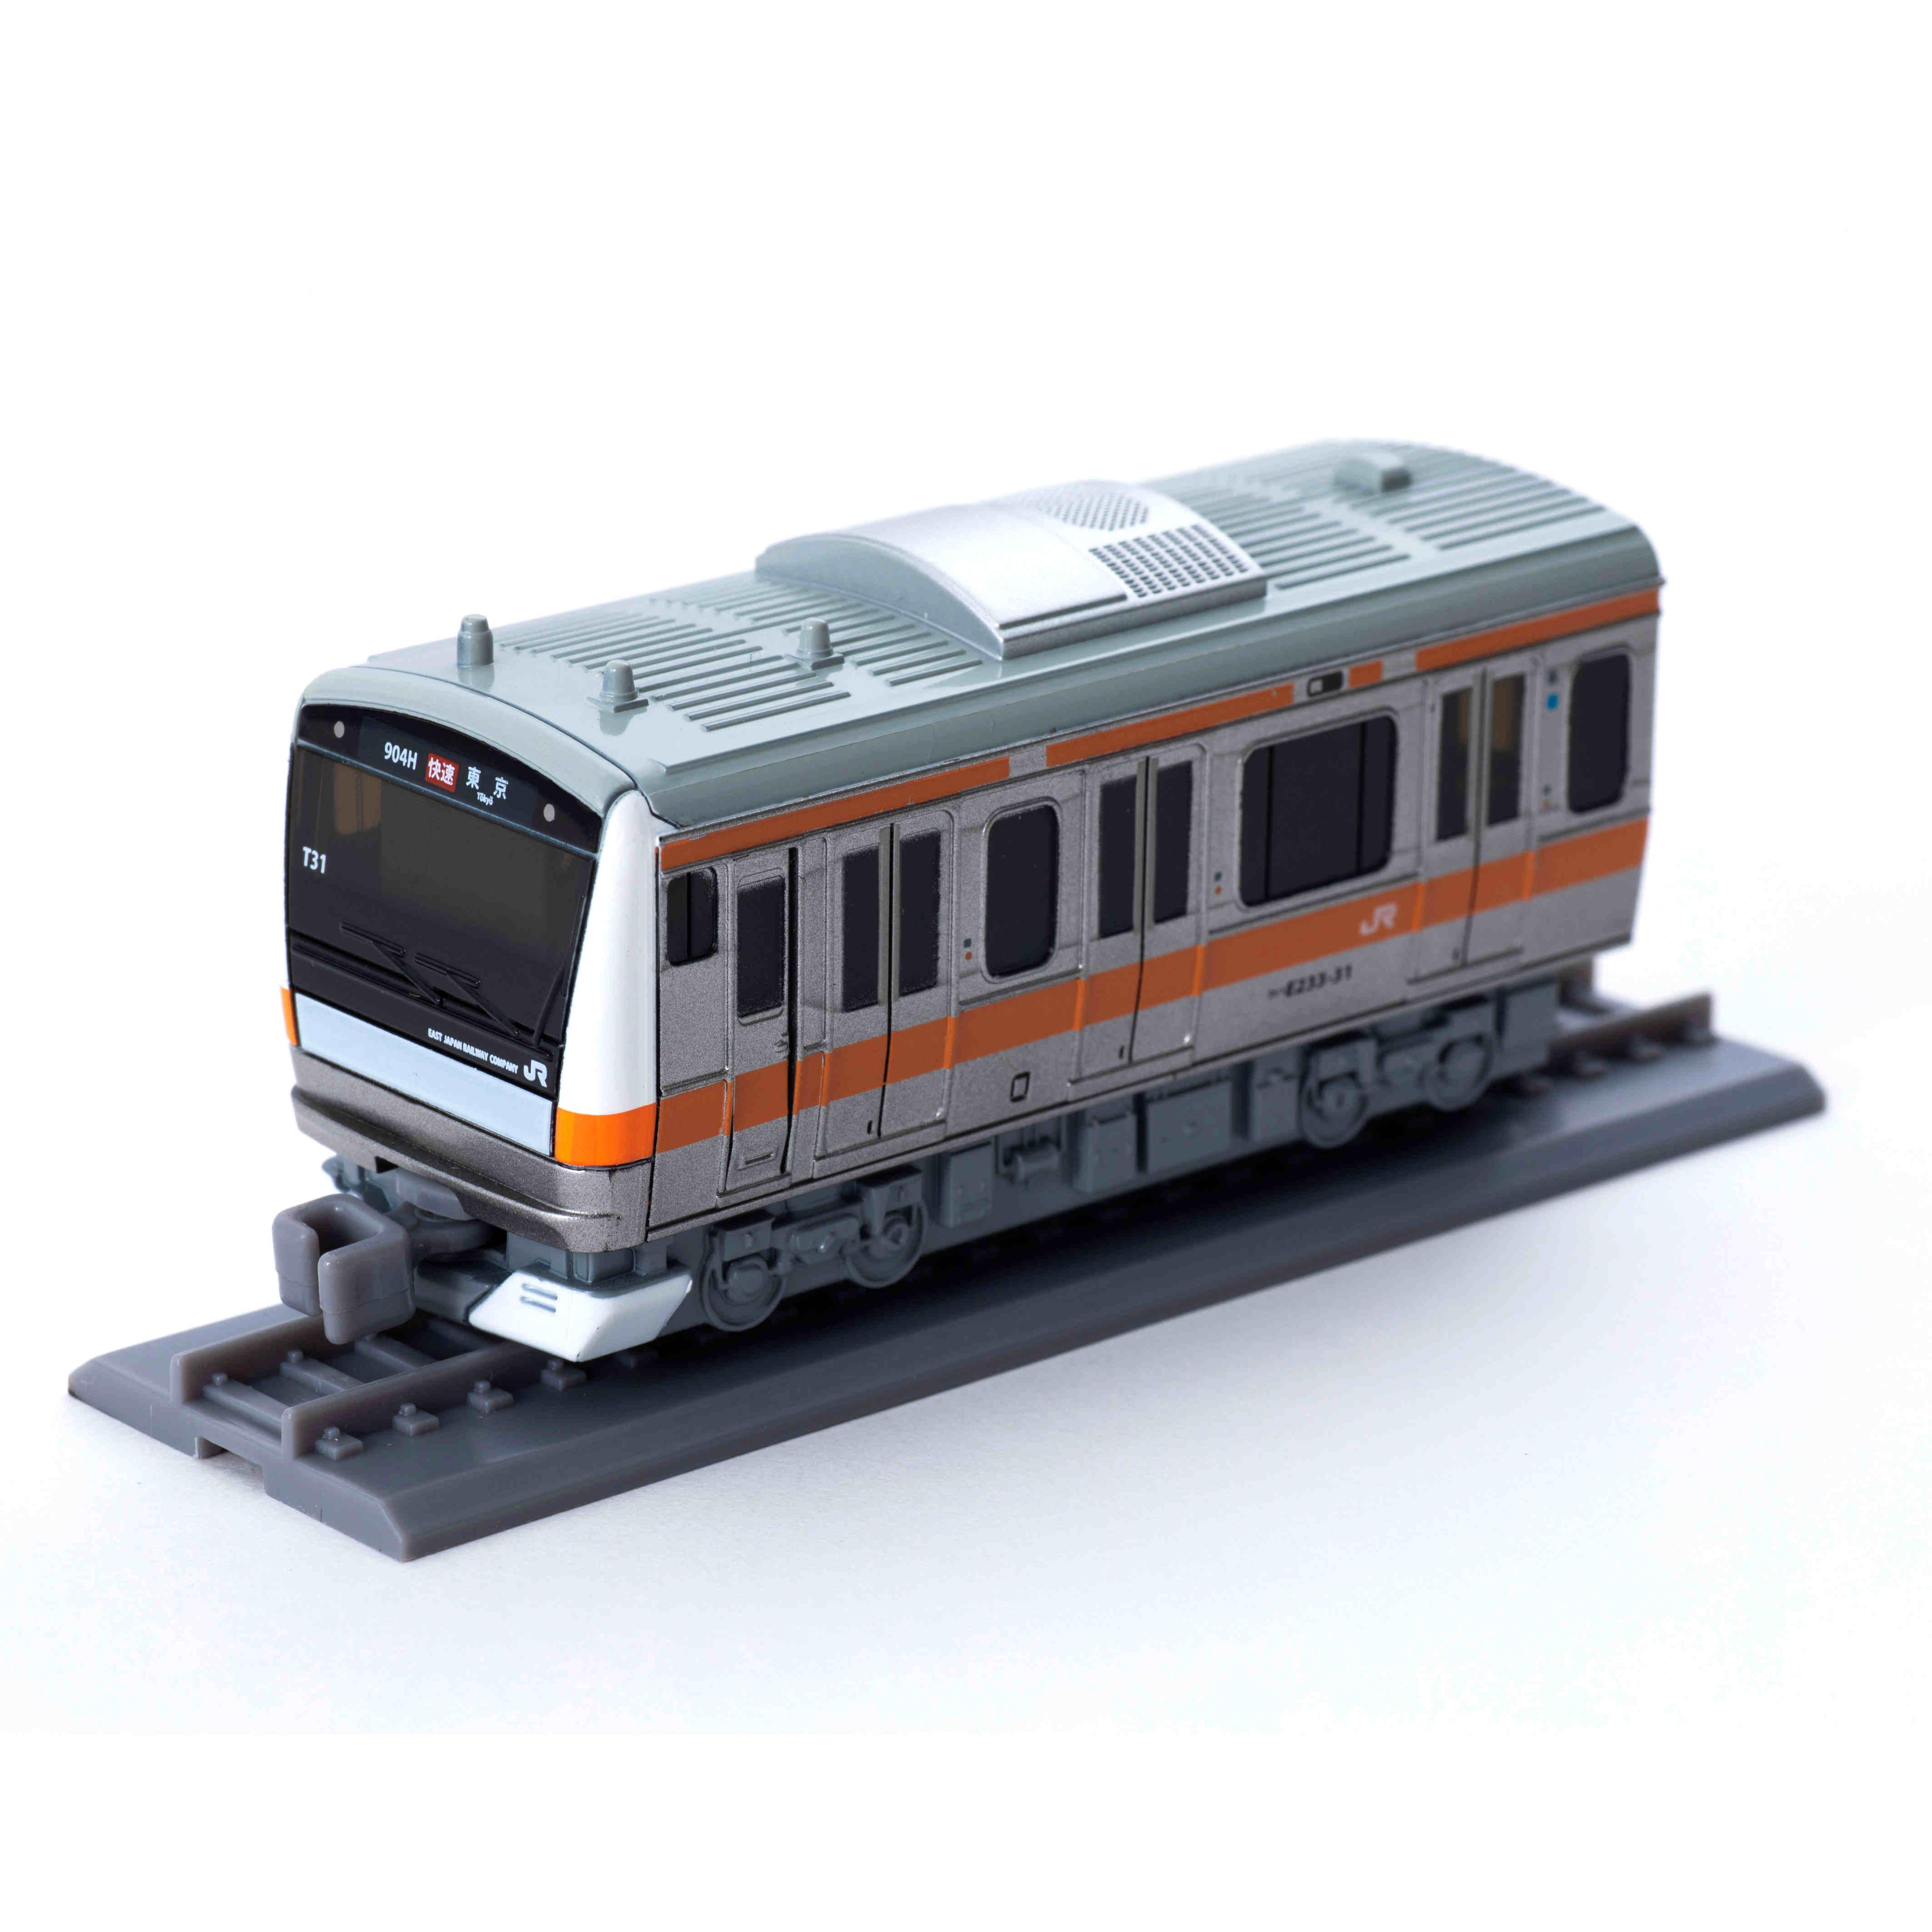 プルプラ E233系 中央線快速